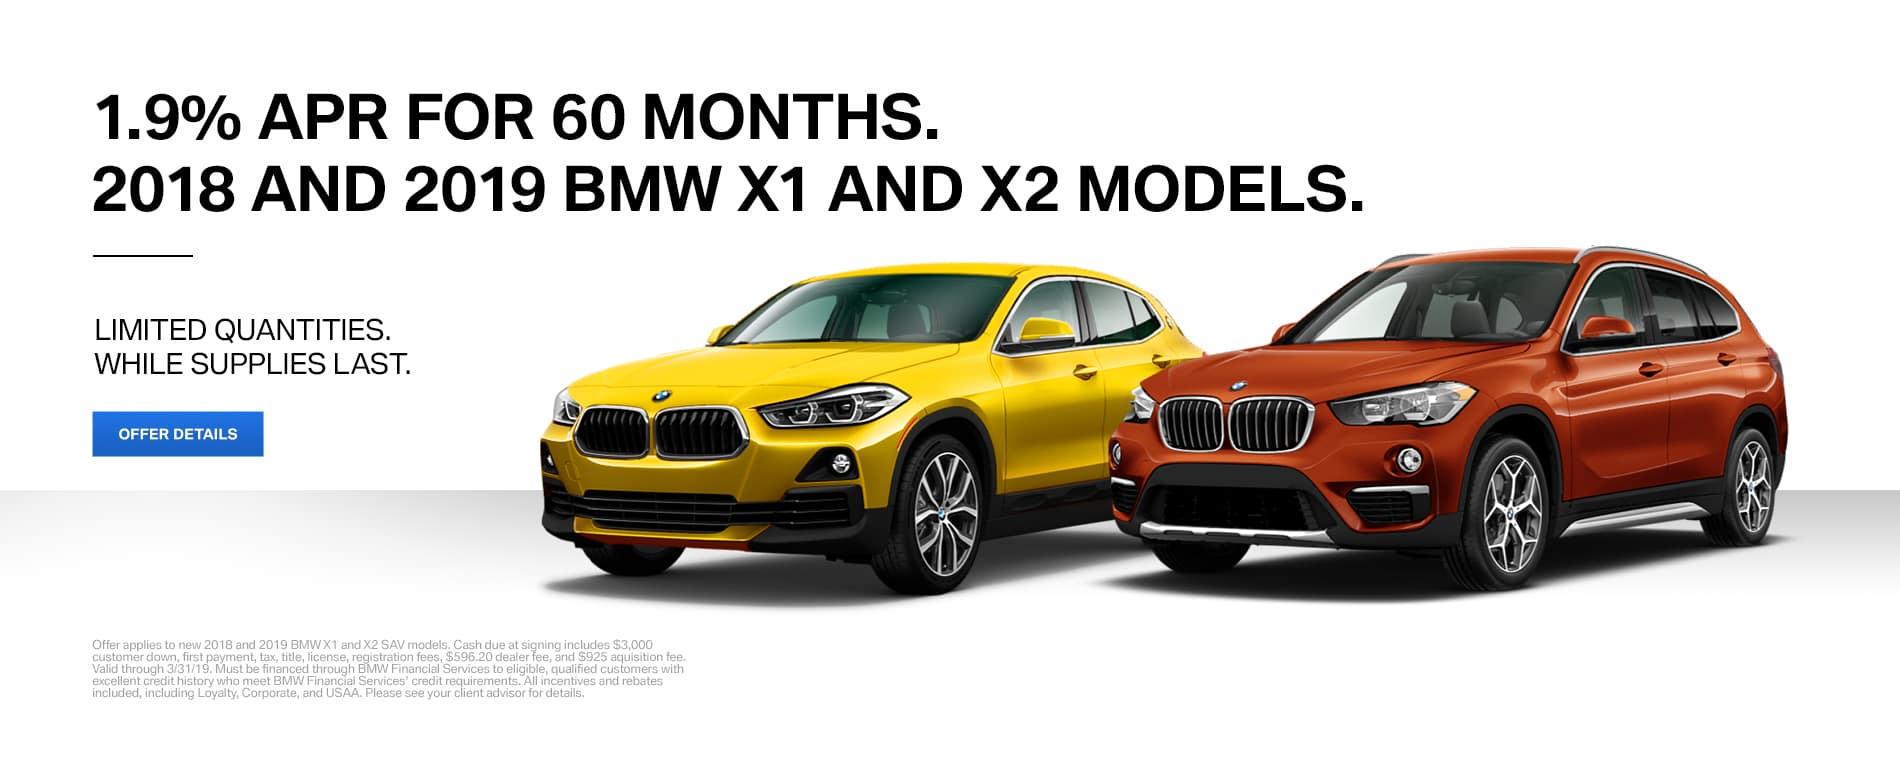 BMW X1 and BMW X2